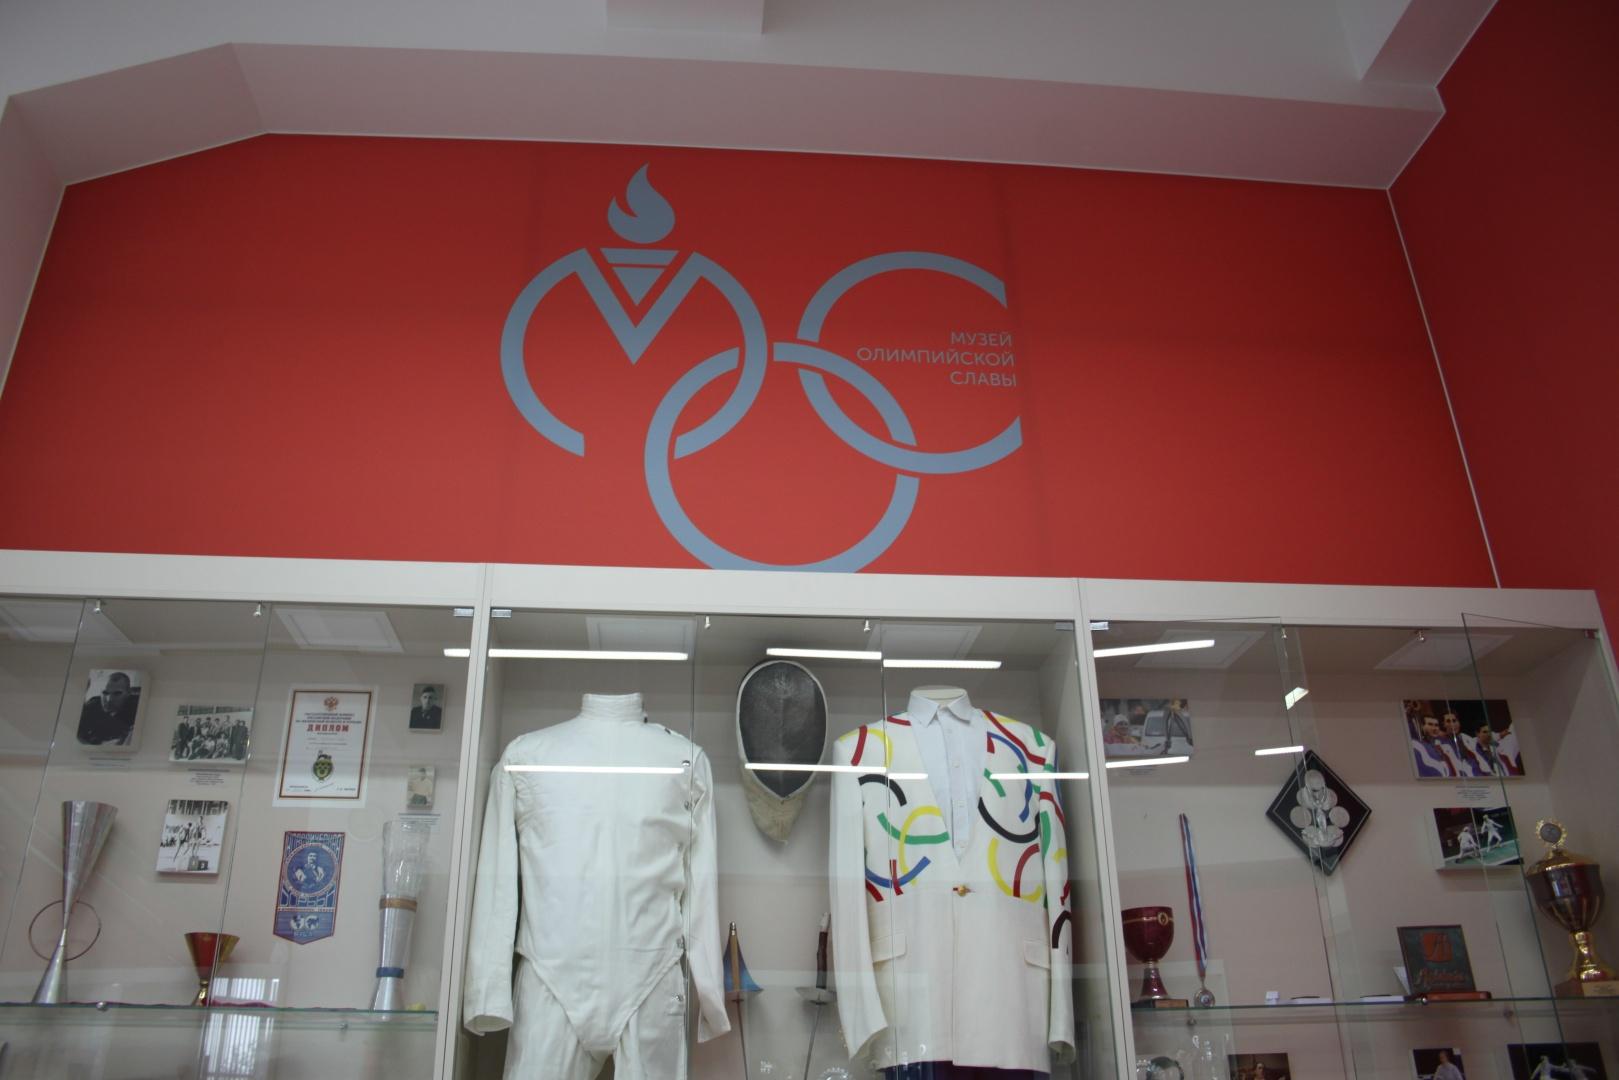 Экспозиция Музея олимпийской славы смотреть фото